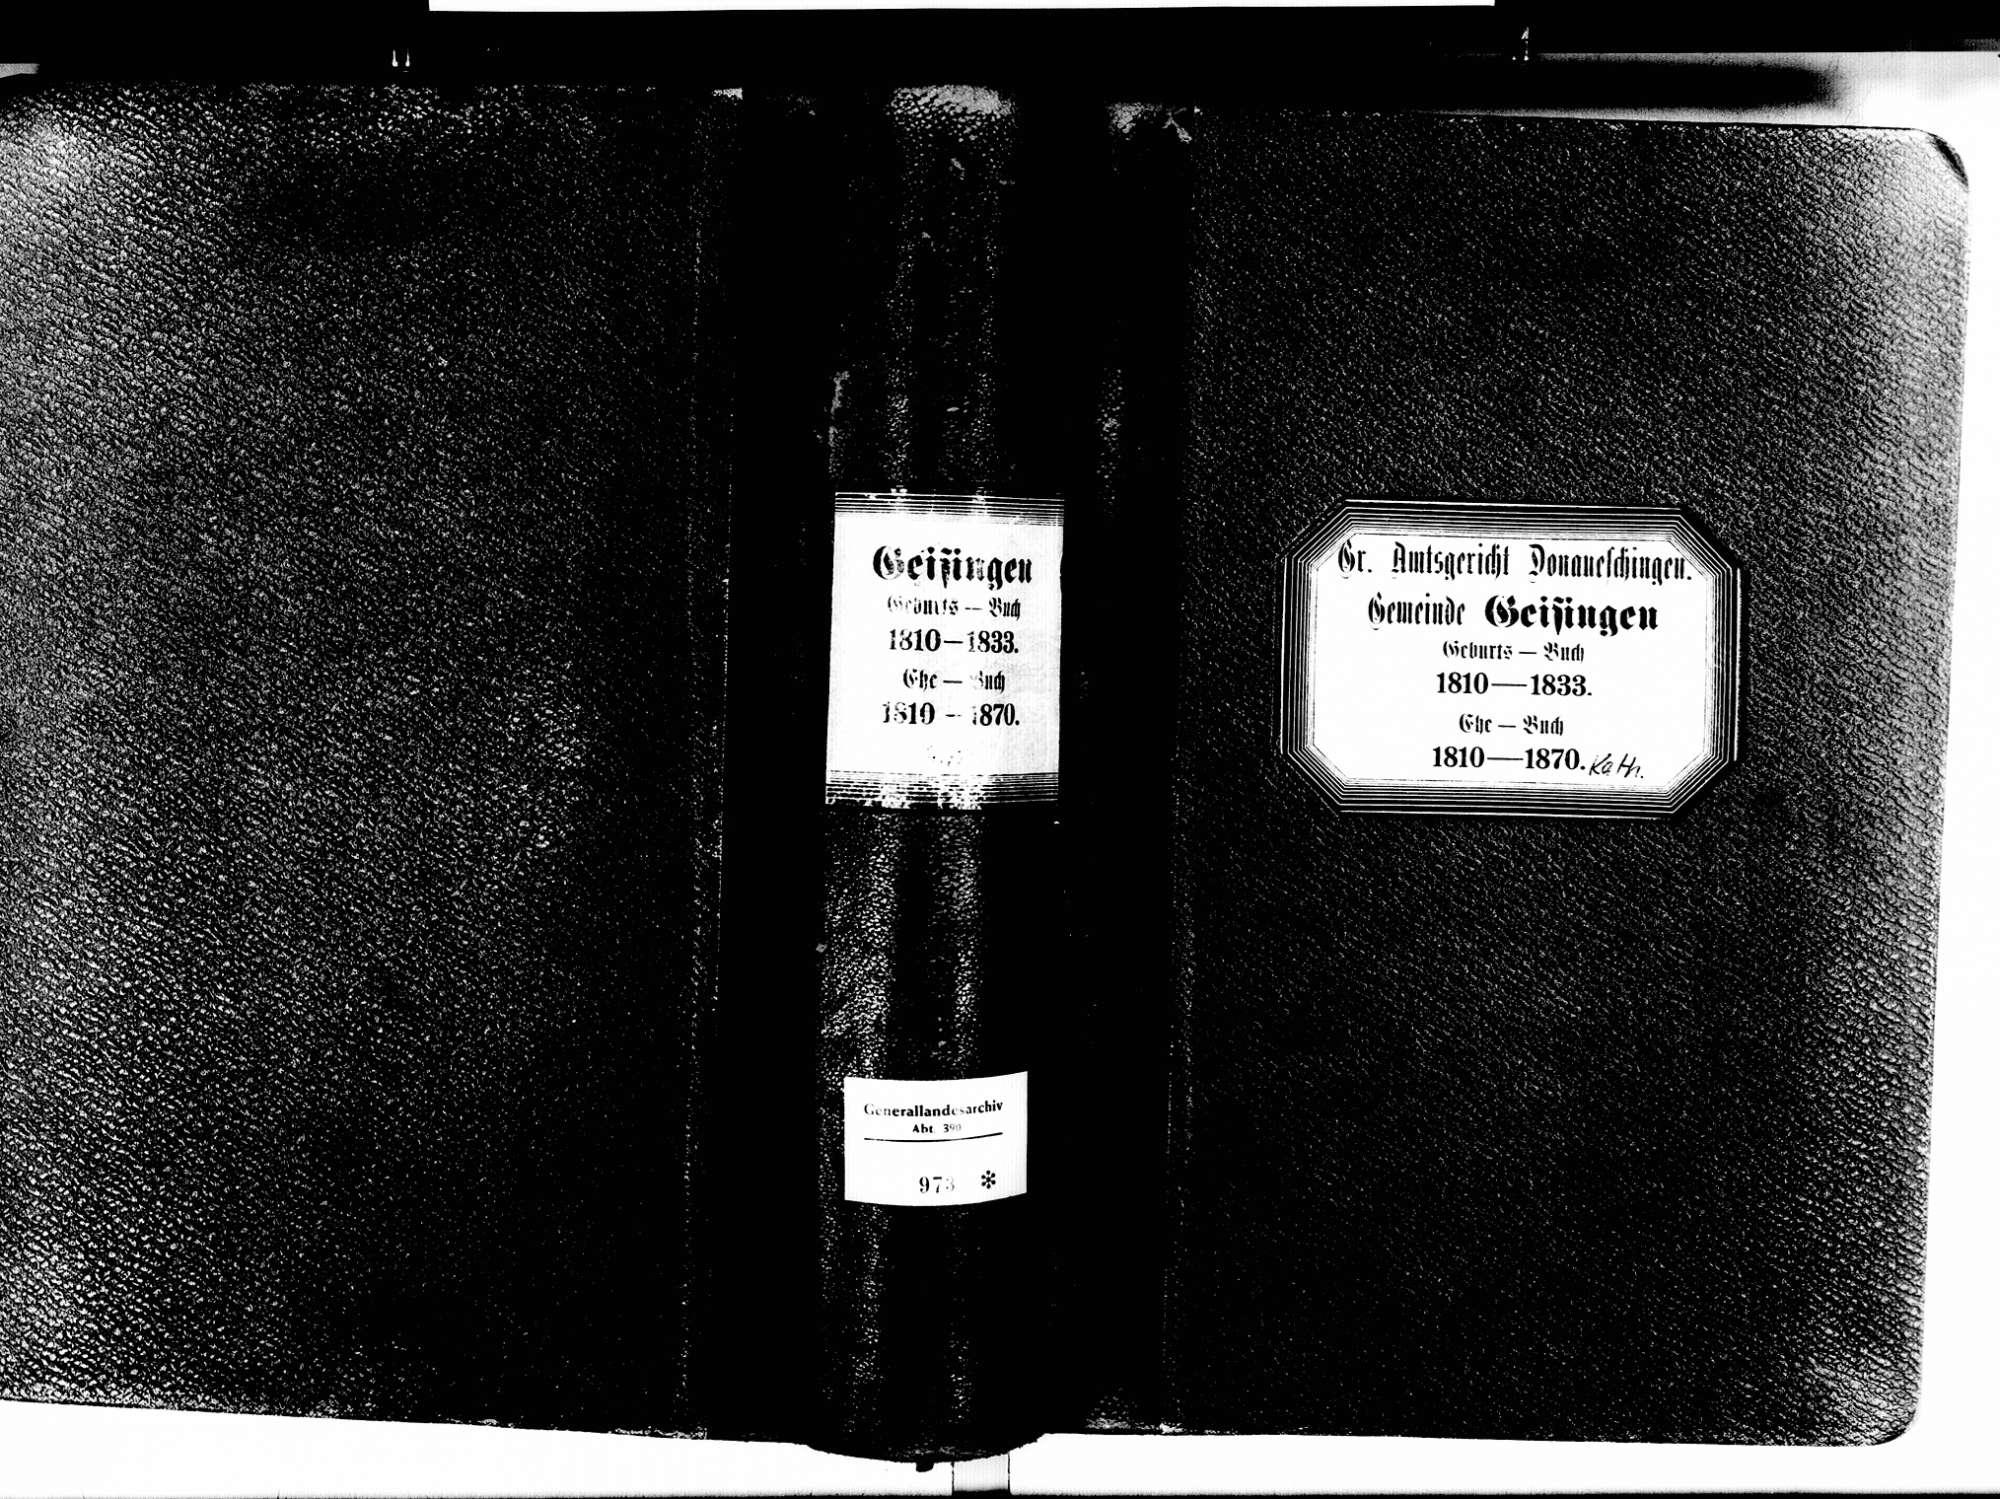 Geisingen TUT; Katholische Gemeinde: Geburtenbuch 1810-1833 Geisingen TUT; Katholische Gemeinde: Heiratsbuch 1810-1870, Bild 2